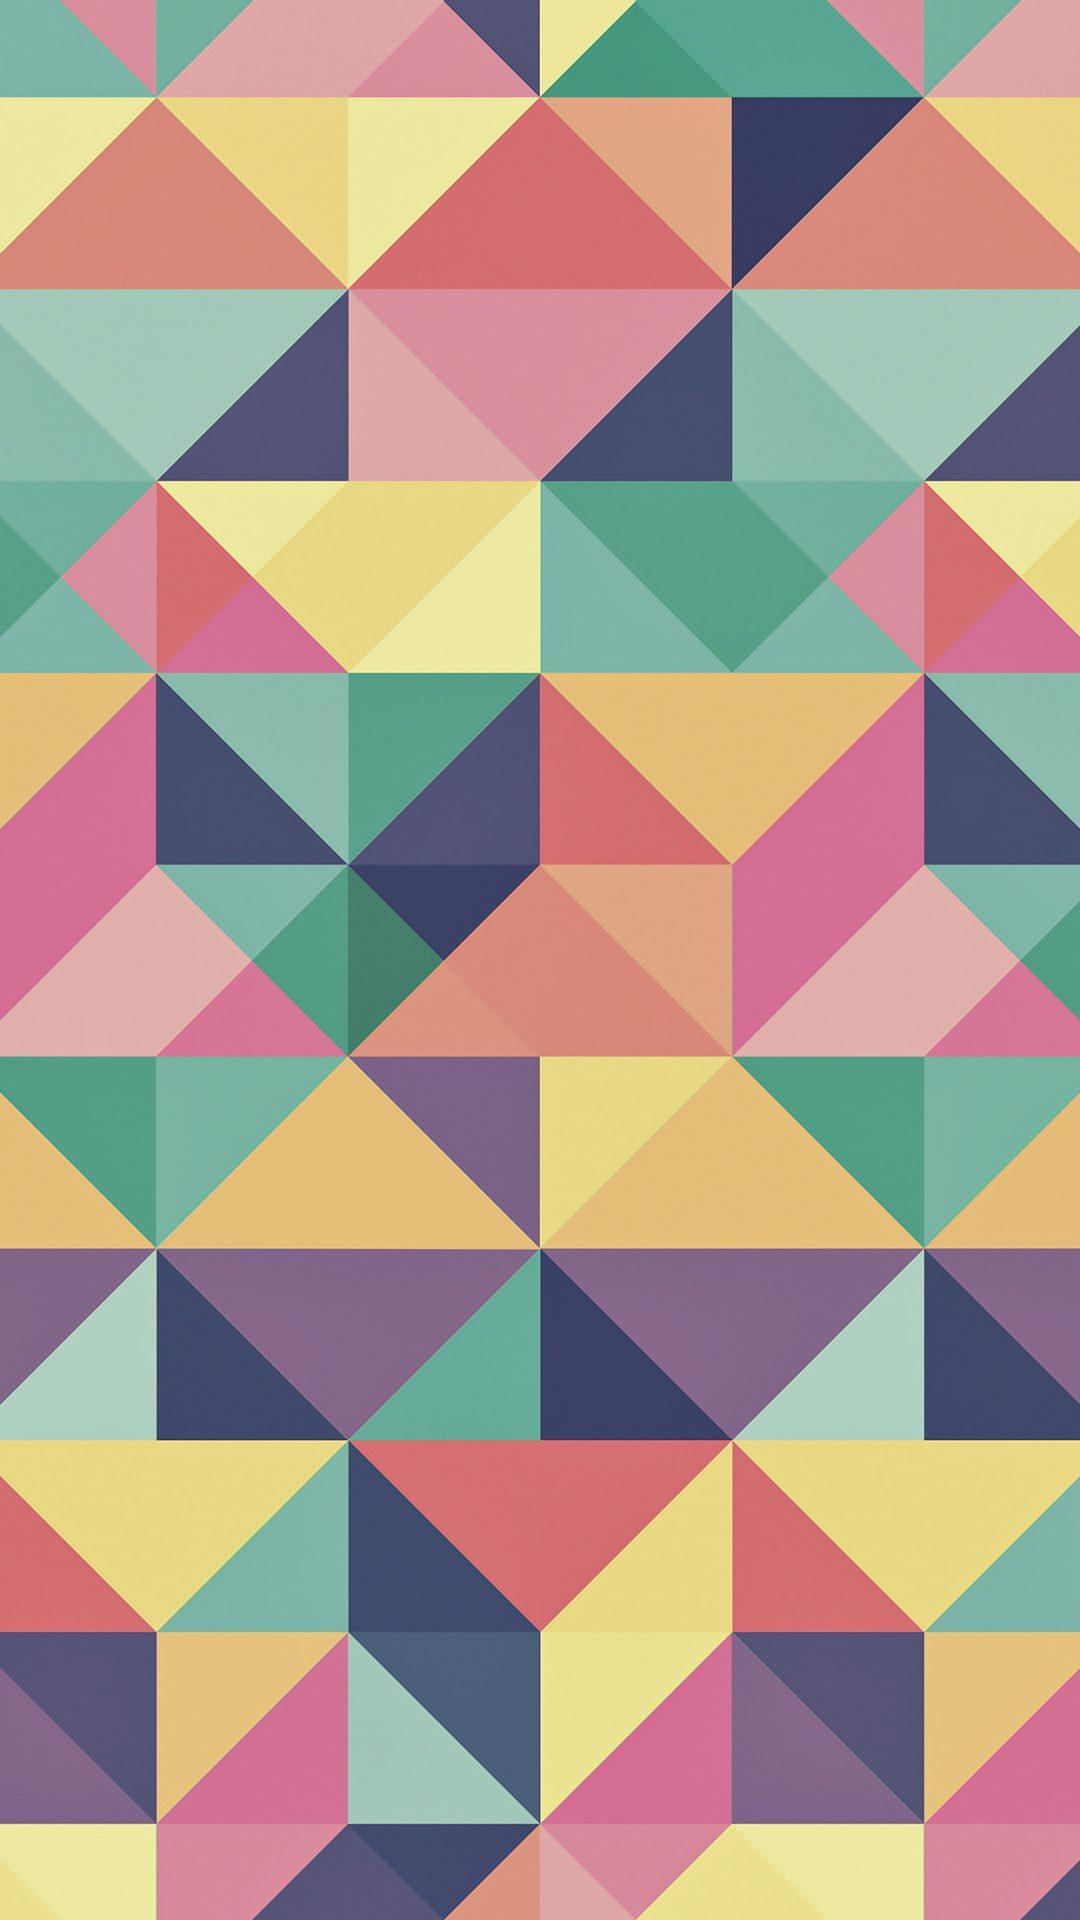 Abstract Polygon Art Pattern Rainbow